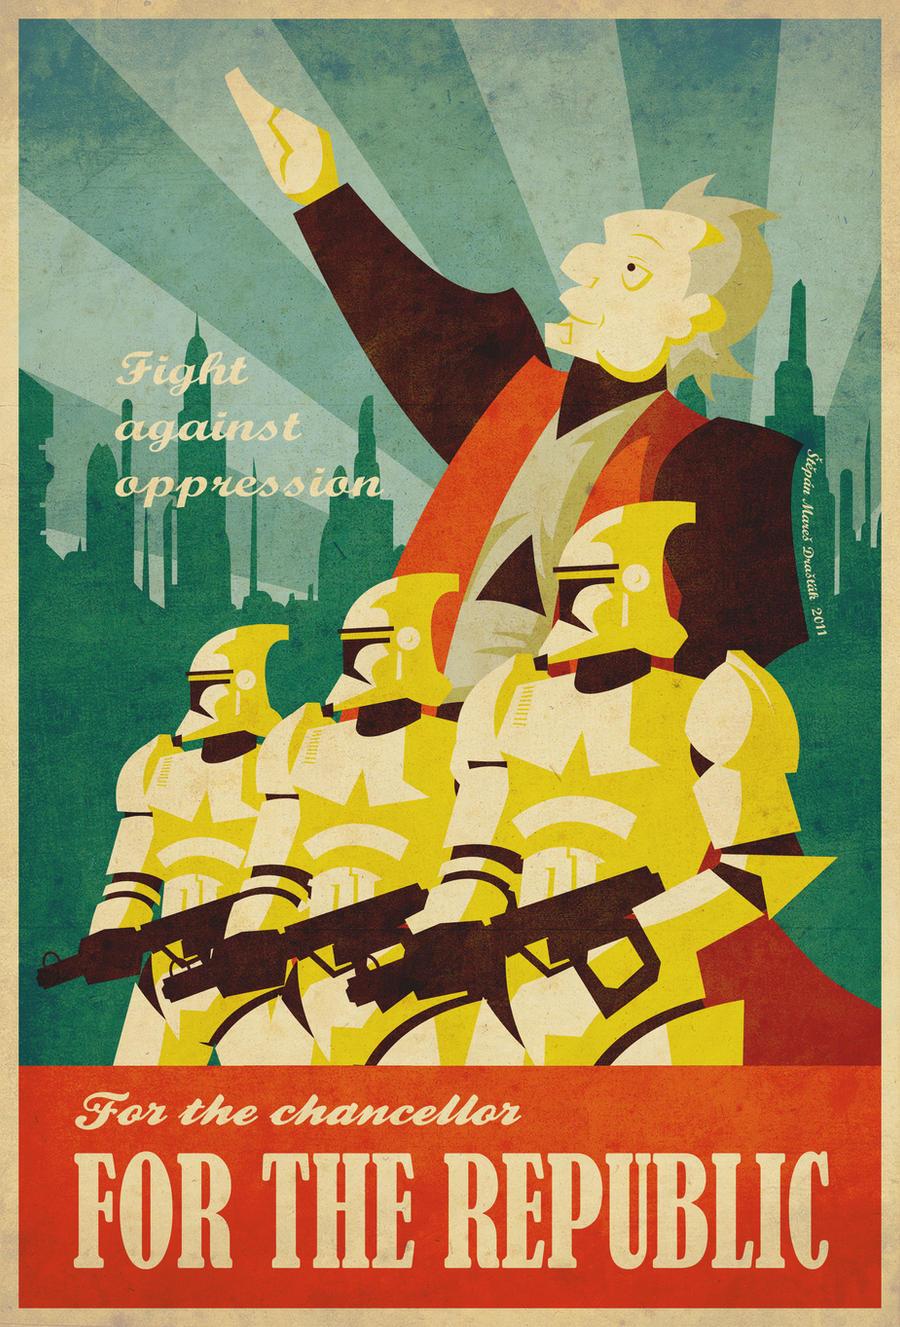 palpatine_s_propaganda_poster_by_feinobi